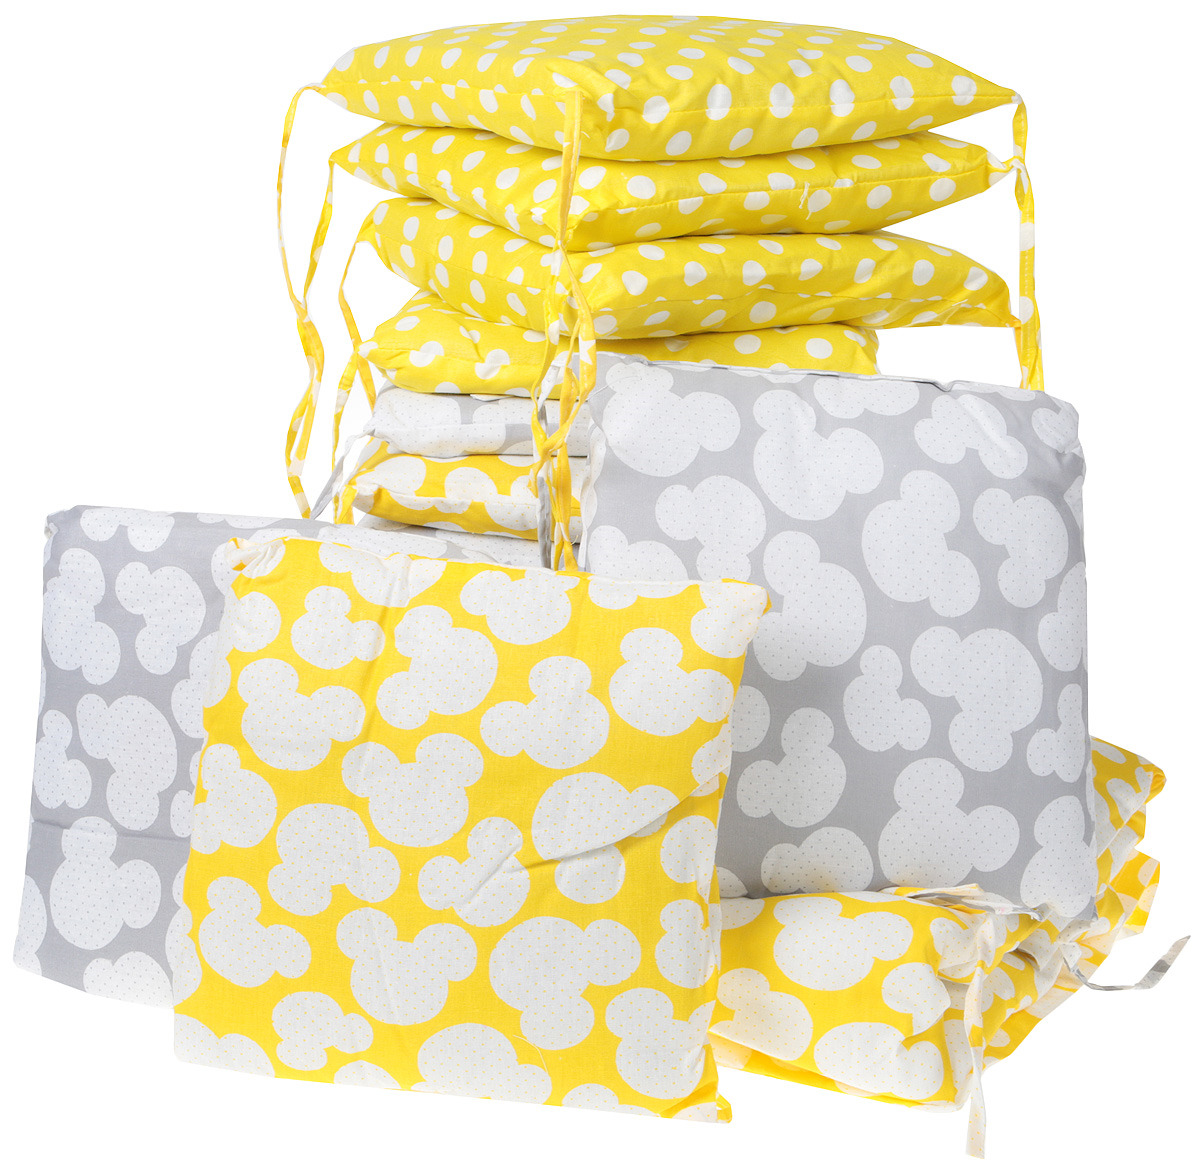 Комплект в кроватку Sweet Baby Tenero, 411968, желтый, серый, 8 предметов